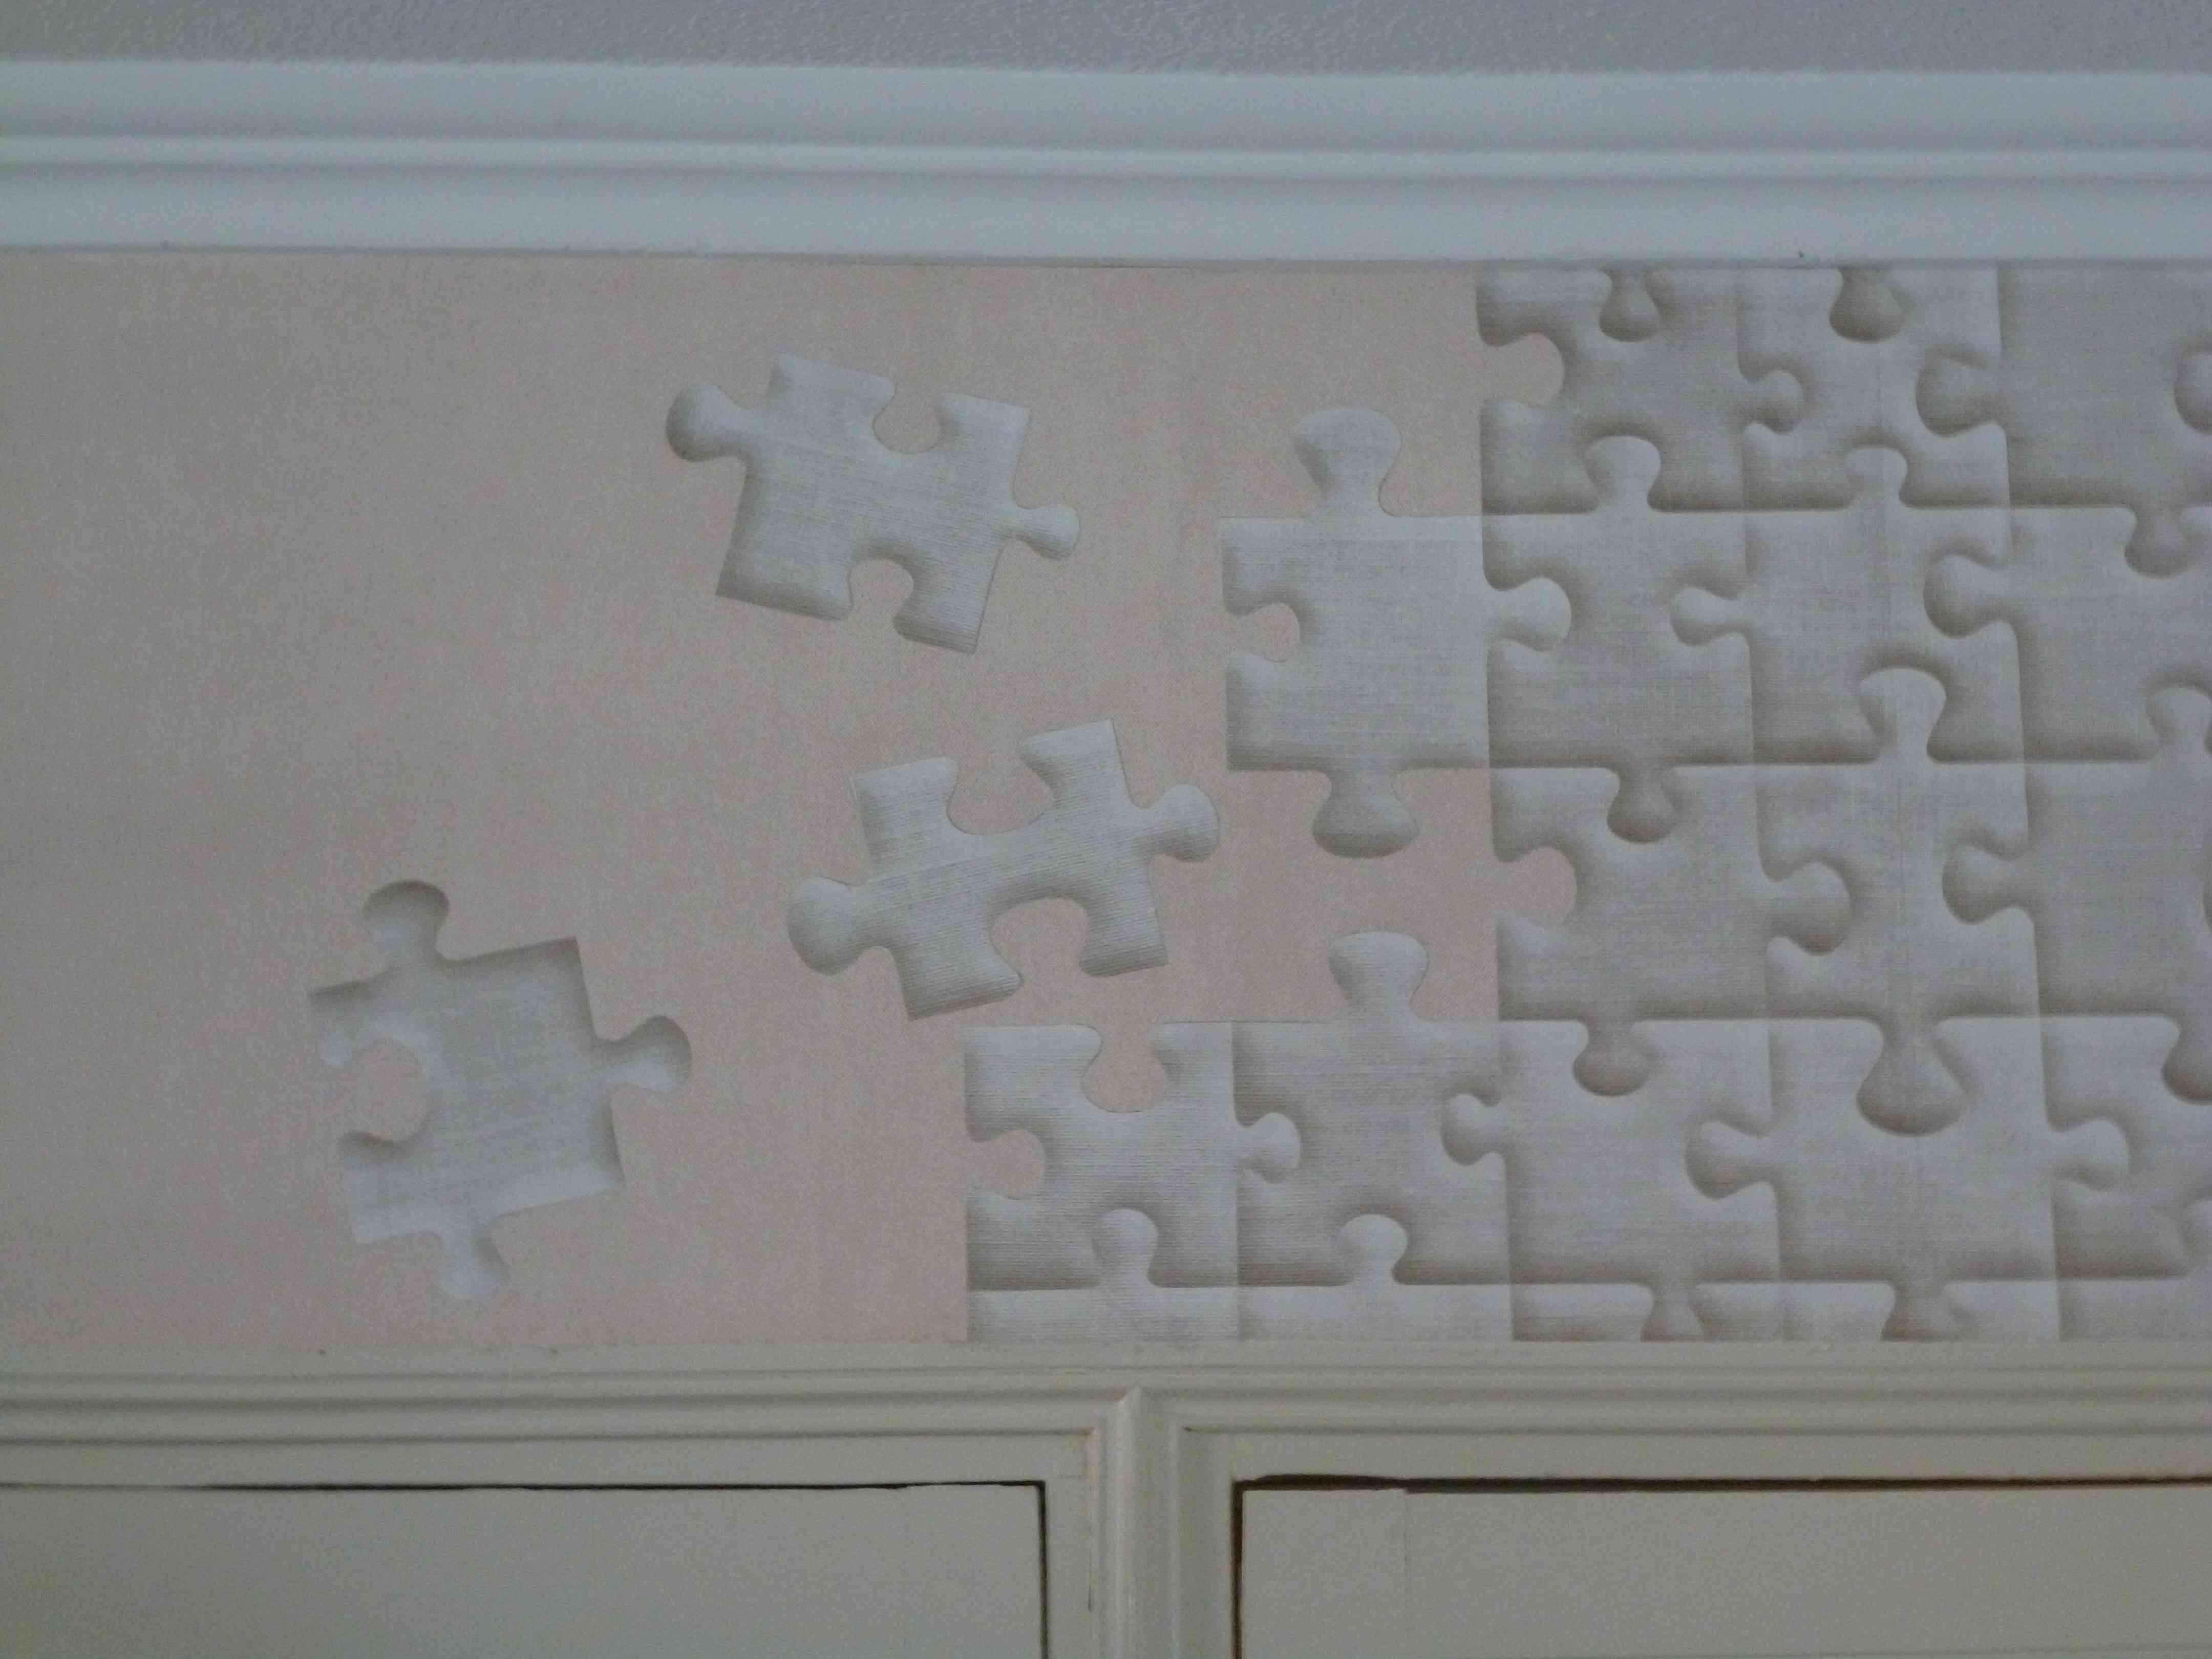 papier peint brique blanche en relief saint pierre devis gratuit en ligne construction maison. Black Bedroom Furniture Sets. Home Design Ideas